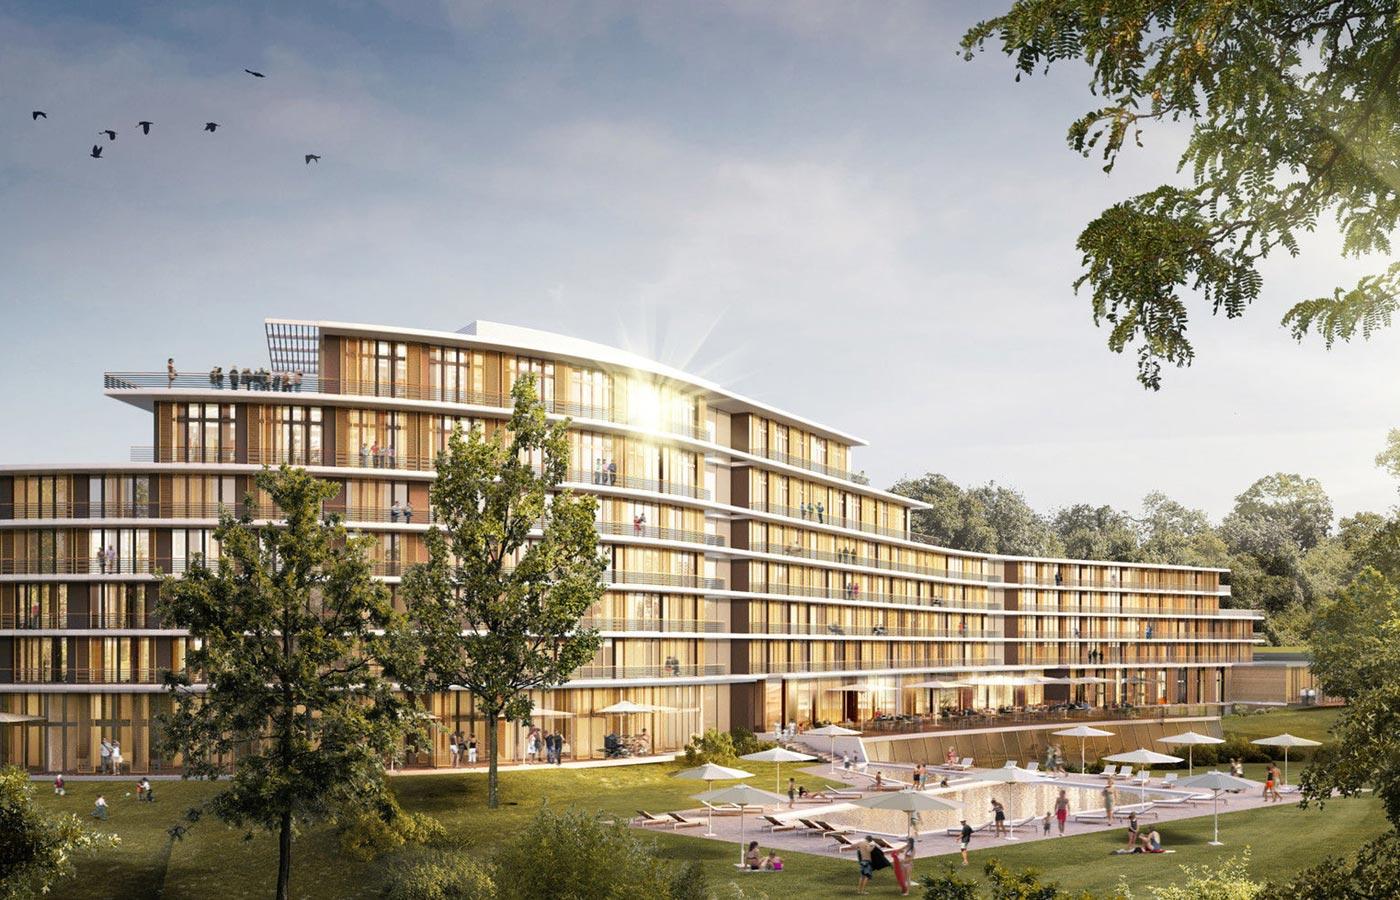 Dorint Seehotel & Resort in Klink an der Müritz